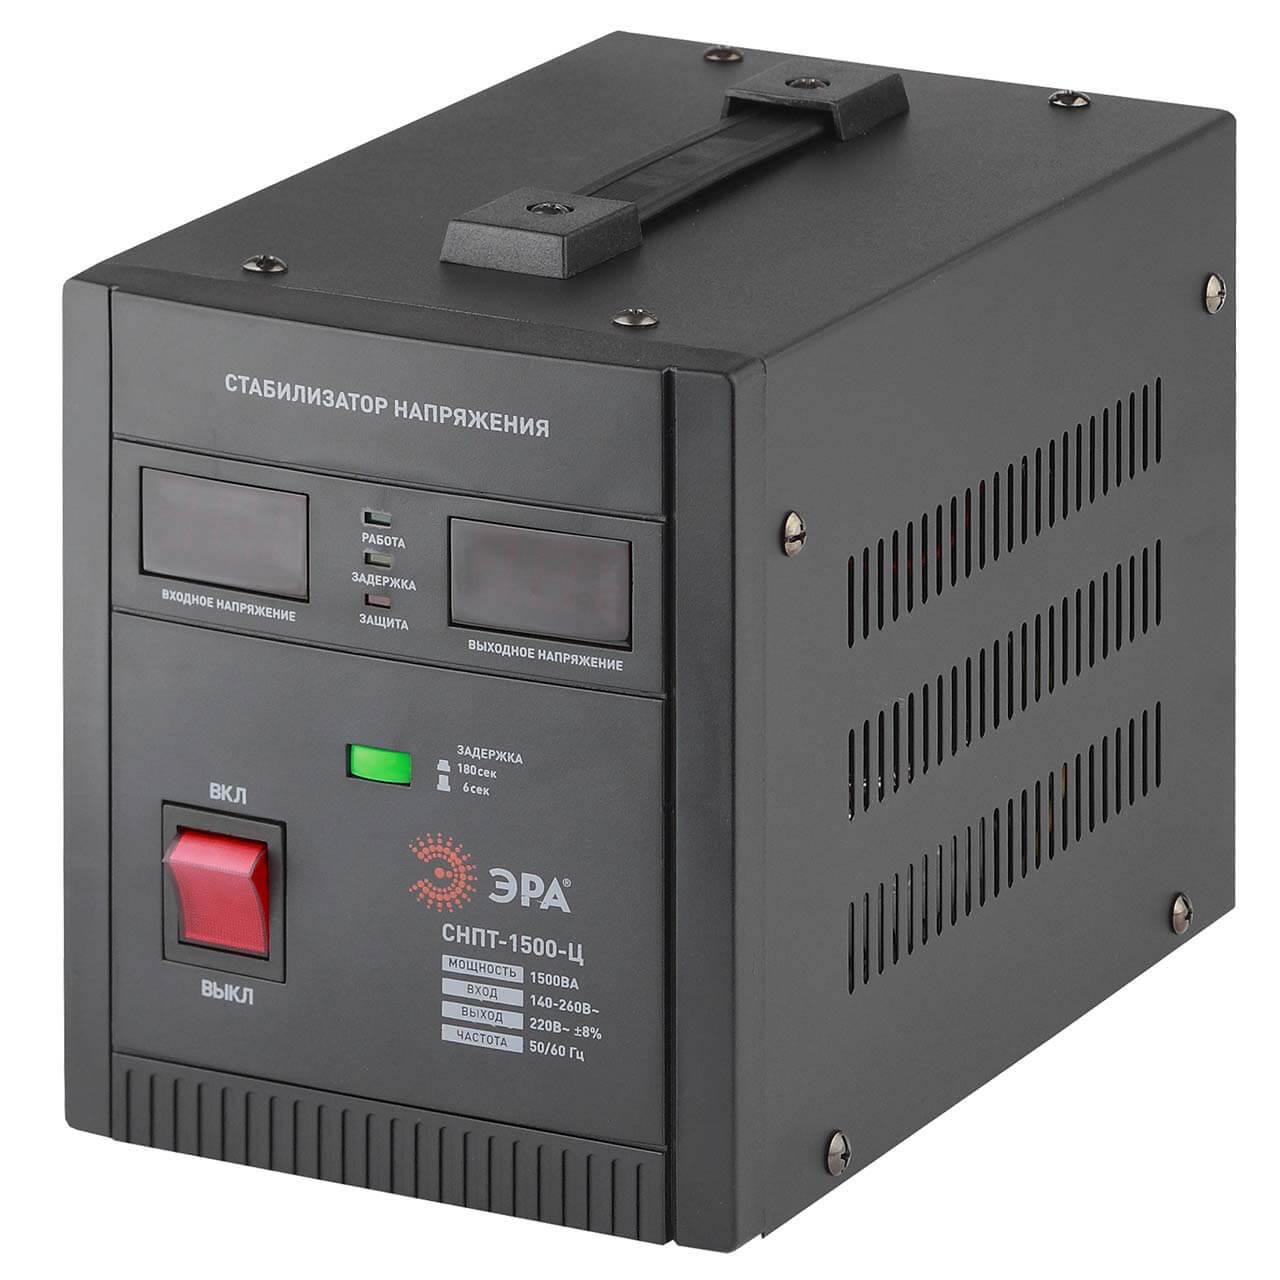 Стабилизатор напряжения ЭРА СНПТ-1500-Ц